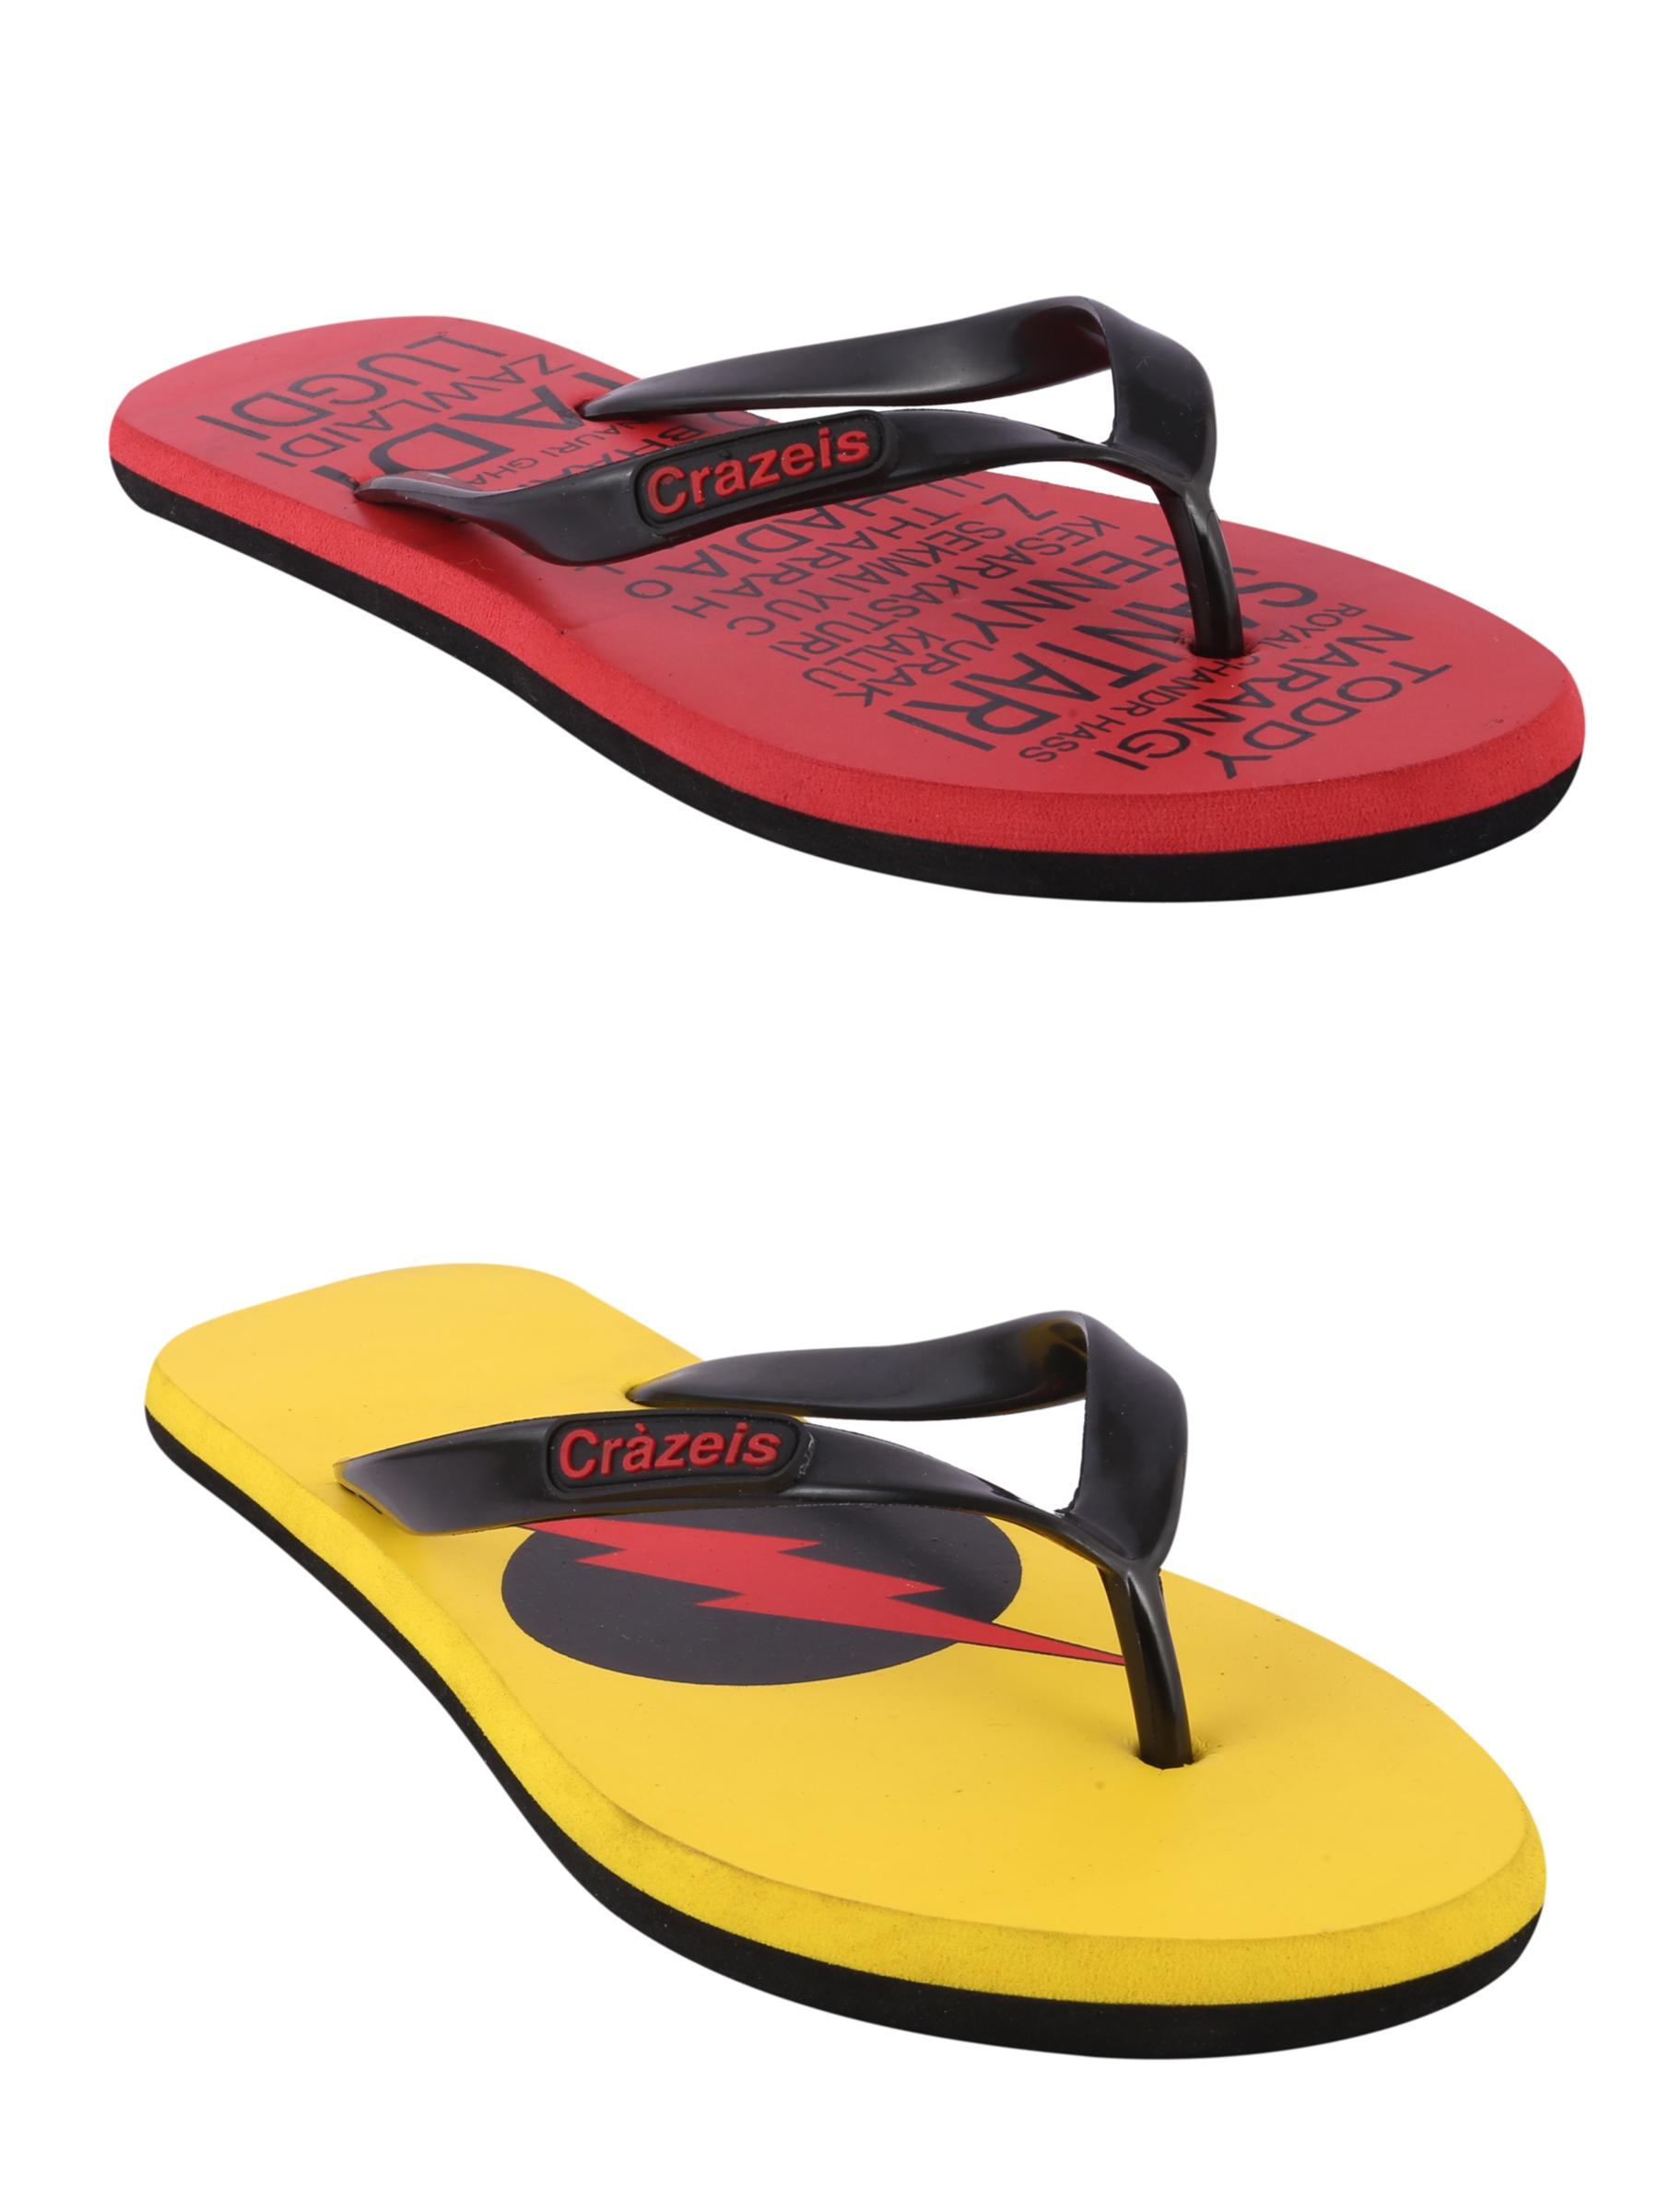 crazeis2 Crazeis Flip-flops Pack Of 2 For Men-029